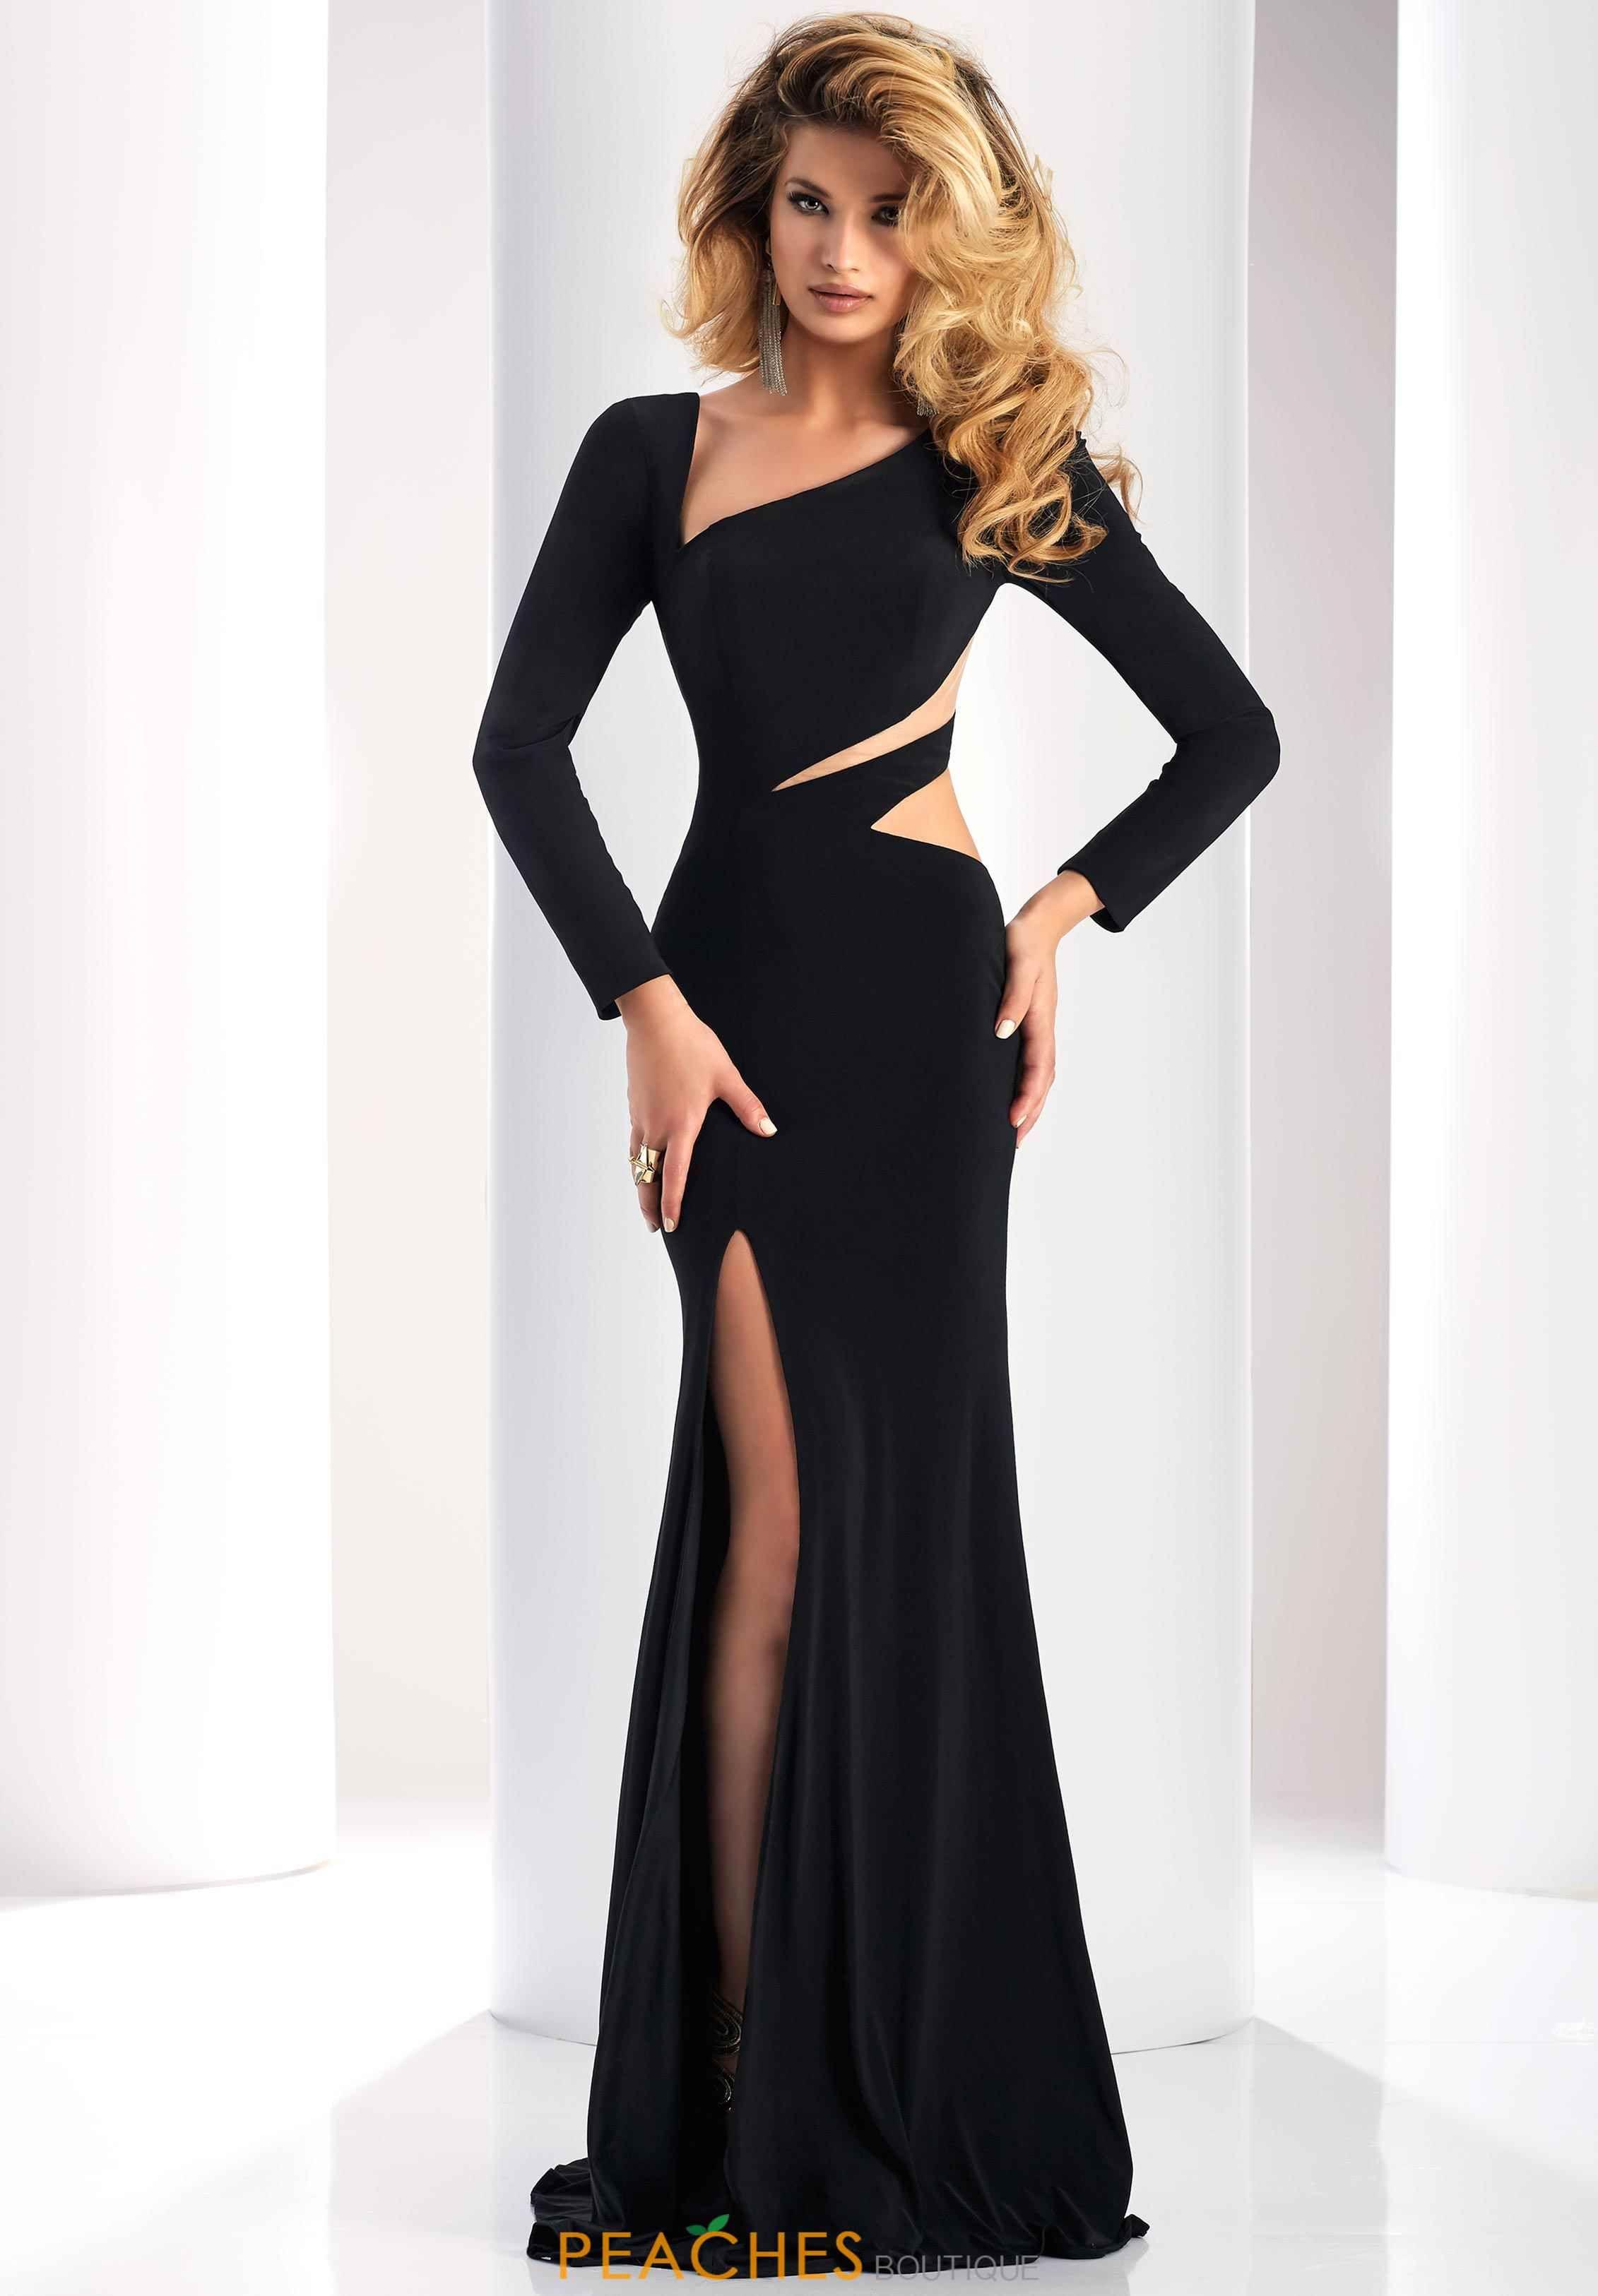 Clarisse Prom Dresses Peaches Boutique Evening Gowns Prom Dresses Long Unique Prom Dresses